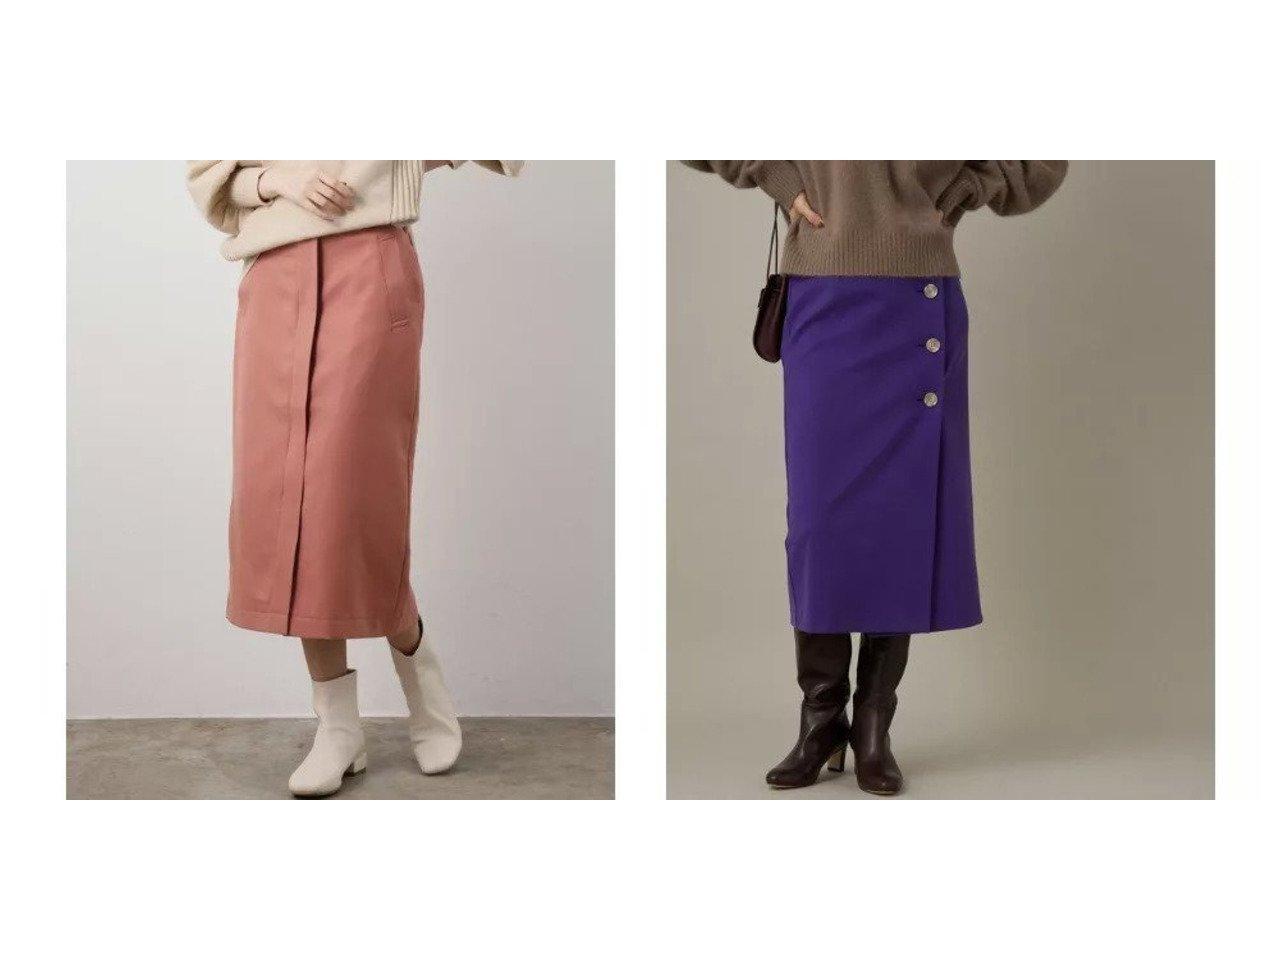 【Adam et Rope/アダム エ ロペ】のラップボタンスカート&【VIS/ビス】のフロントZIPタイトスカート スカートのおすすめ!人気、レディースファッションの通販 おすすめで人気のファッション通販商品 インテリア・家具・キッズファッション・メンズファッション・レディースファッション・服の通販 founy(ファニー) https://founy.com/ ファッション Fashion レディース WOMEN スカート Skirt ジャケット タイトスカート フロント ミドル コンパクト バランス ベーシック ポケット マキシ ラップ リブニット ロング 冬 Winter  ID:crp329100000001523